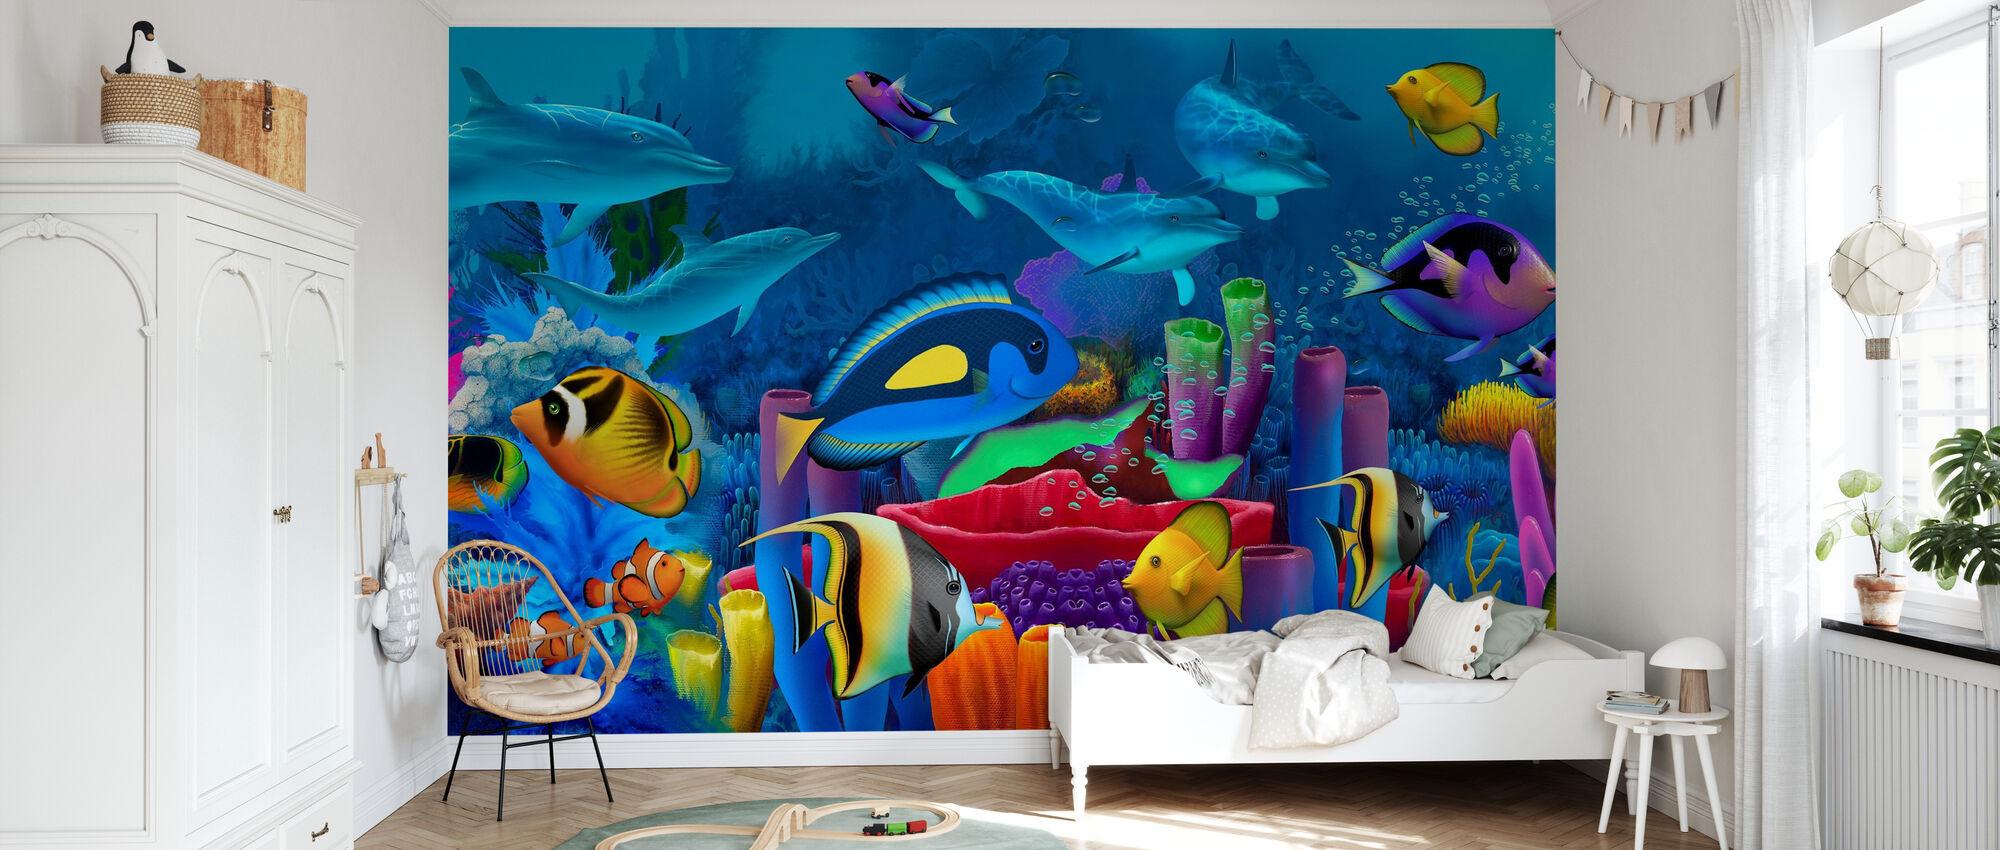 Neptunes Garden - Wallpaper - Kids Room